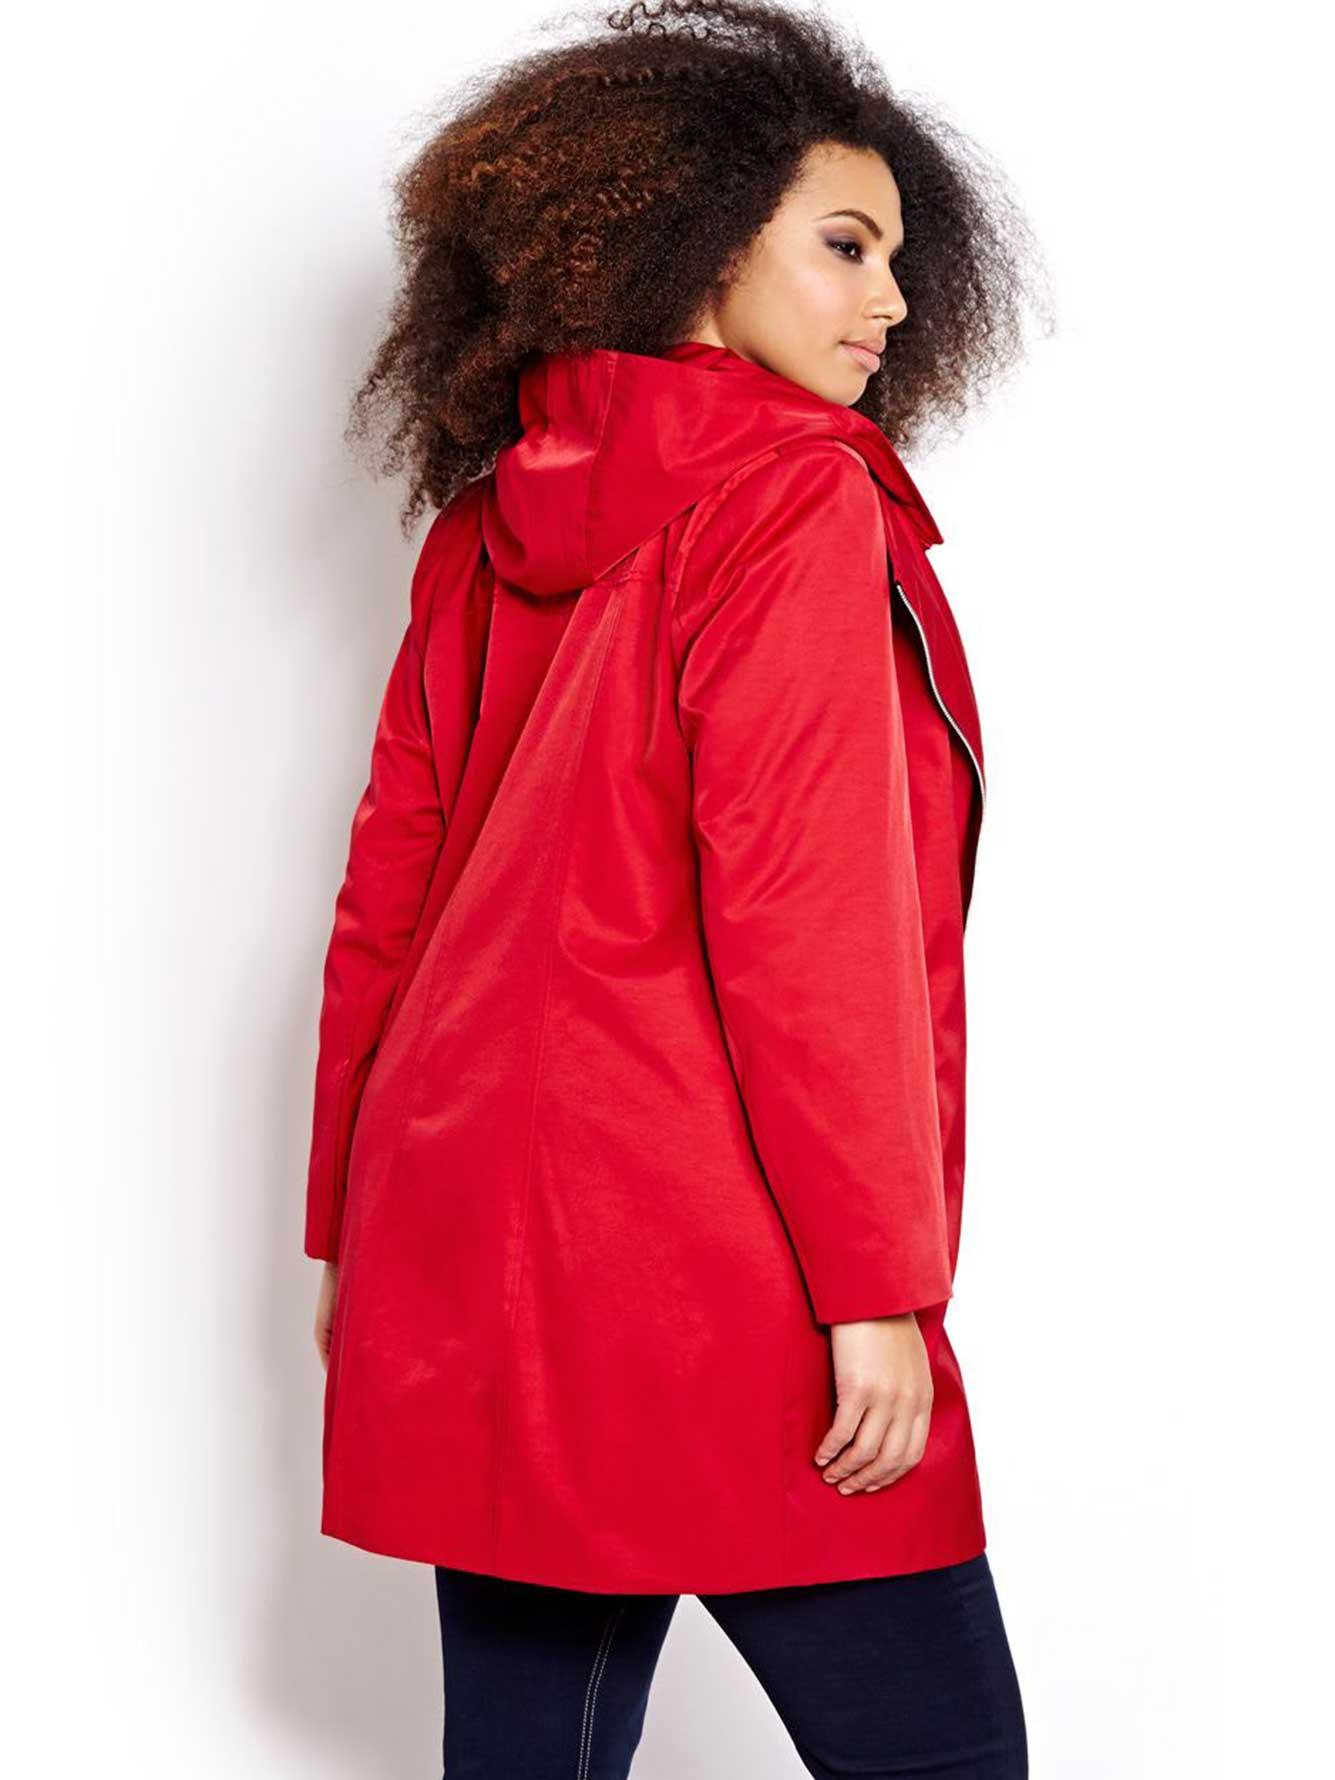 manteau avec fermeture clair asym trique addition elle. Black Bedroom Furniture Sets. Home Design Ideas